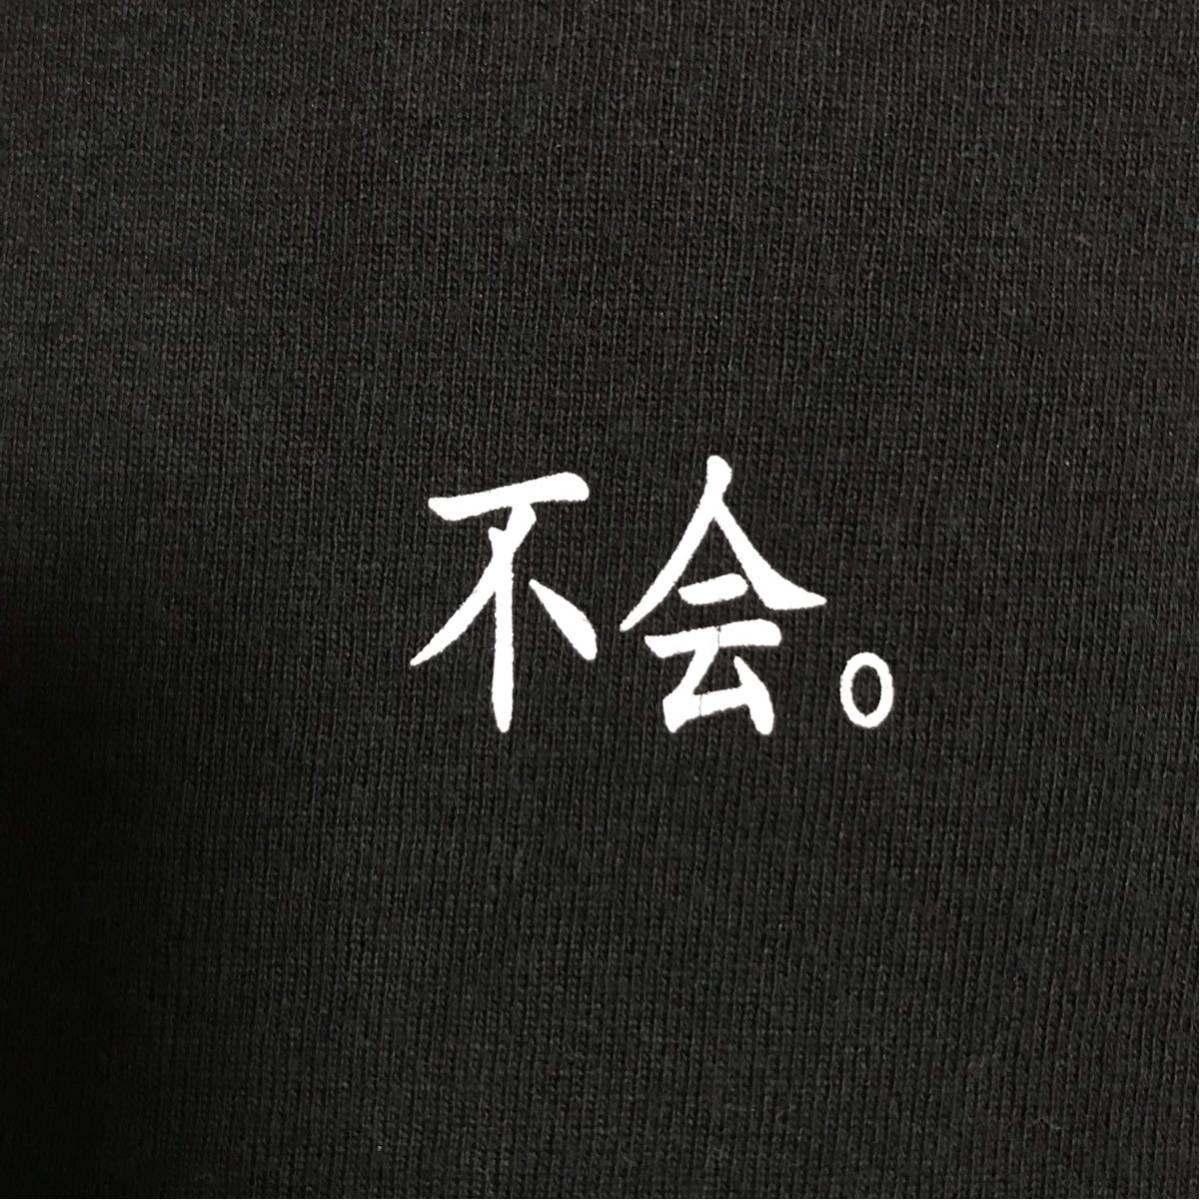 ★激レア★ 初期 ASNKA 漢字 ロンT Mサイズ a bathing ape bape エイプ ベイプ アベイシングエイプ 香港 Hong Kong ビンテージ 裏原宿 NIGO_画像3